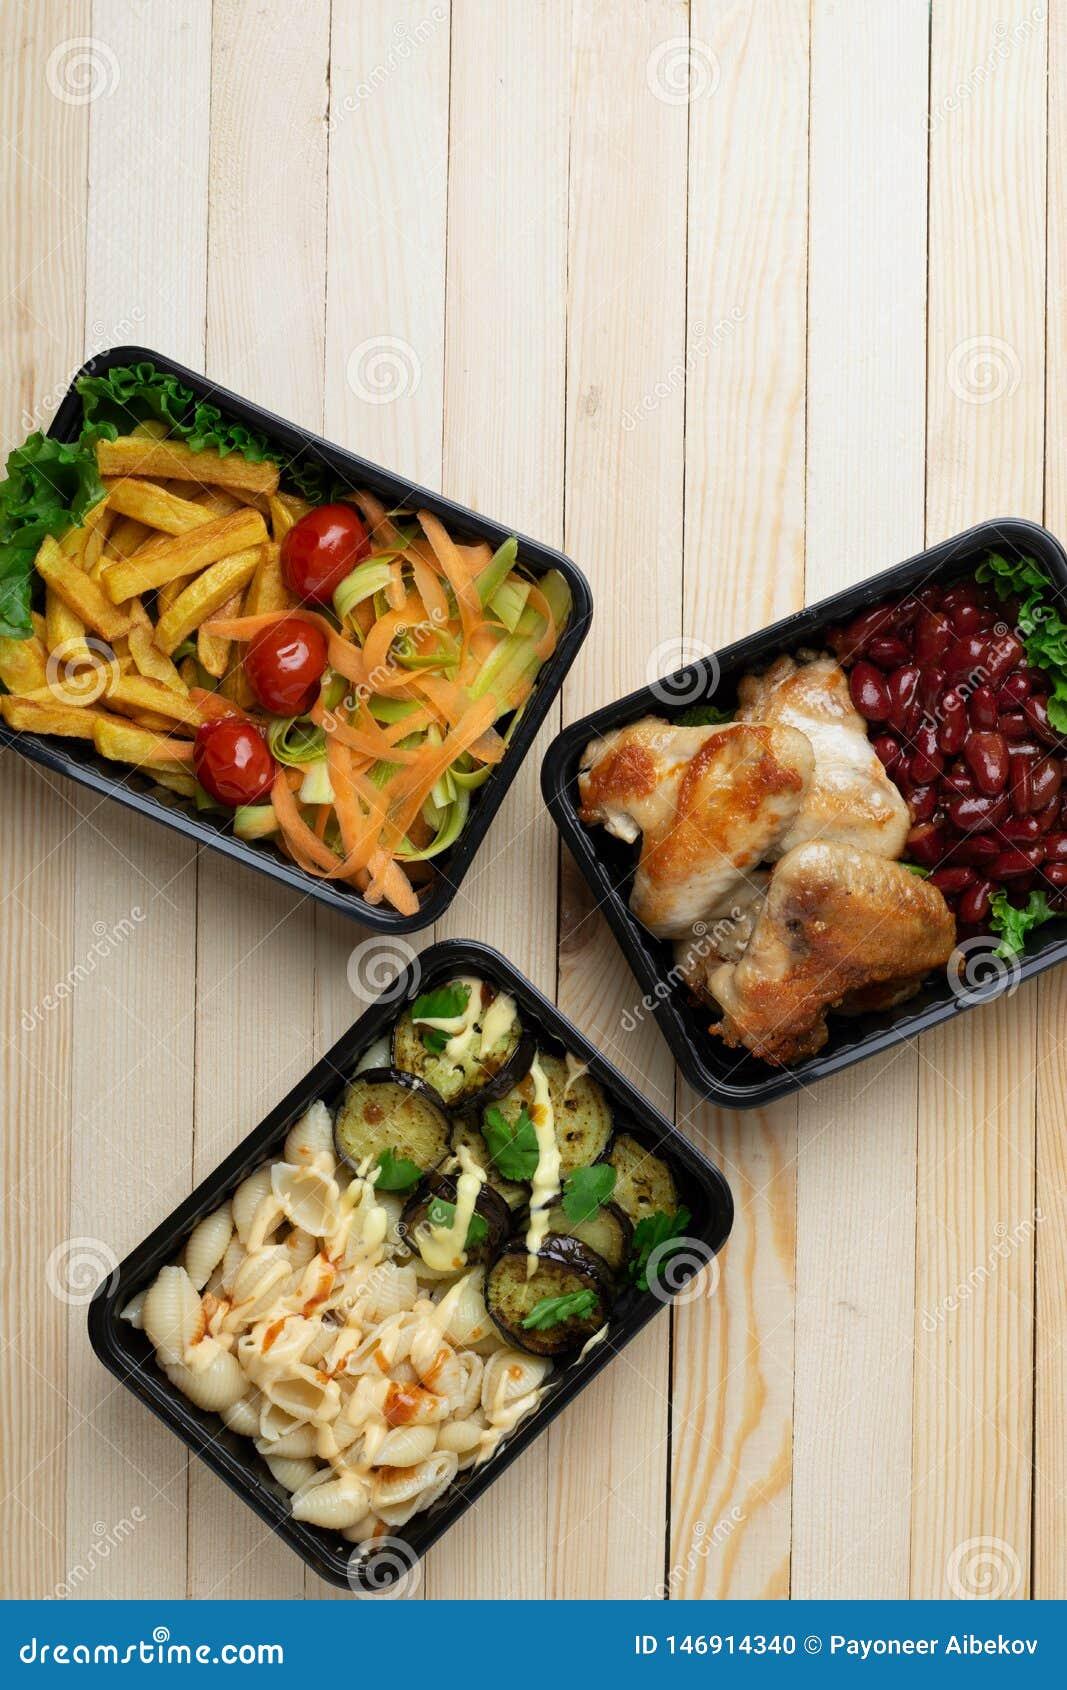 Przygotowywa posi?ek je?? na drewnianym stole, czerwone fasole, piec kurczak?w skrzyd?a, ober?yny, zucchini